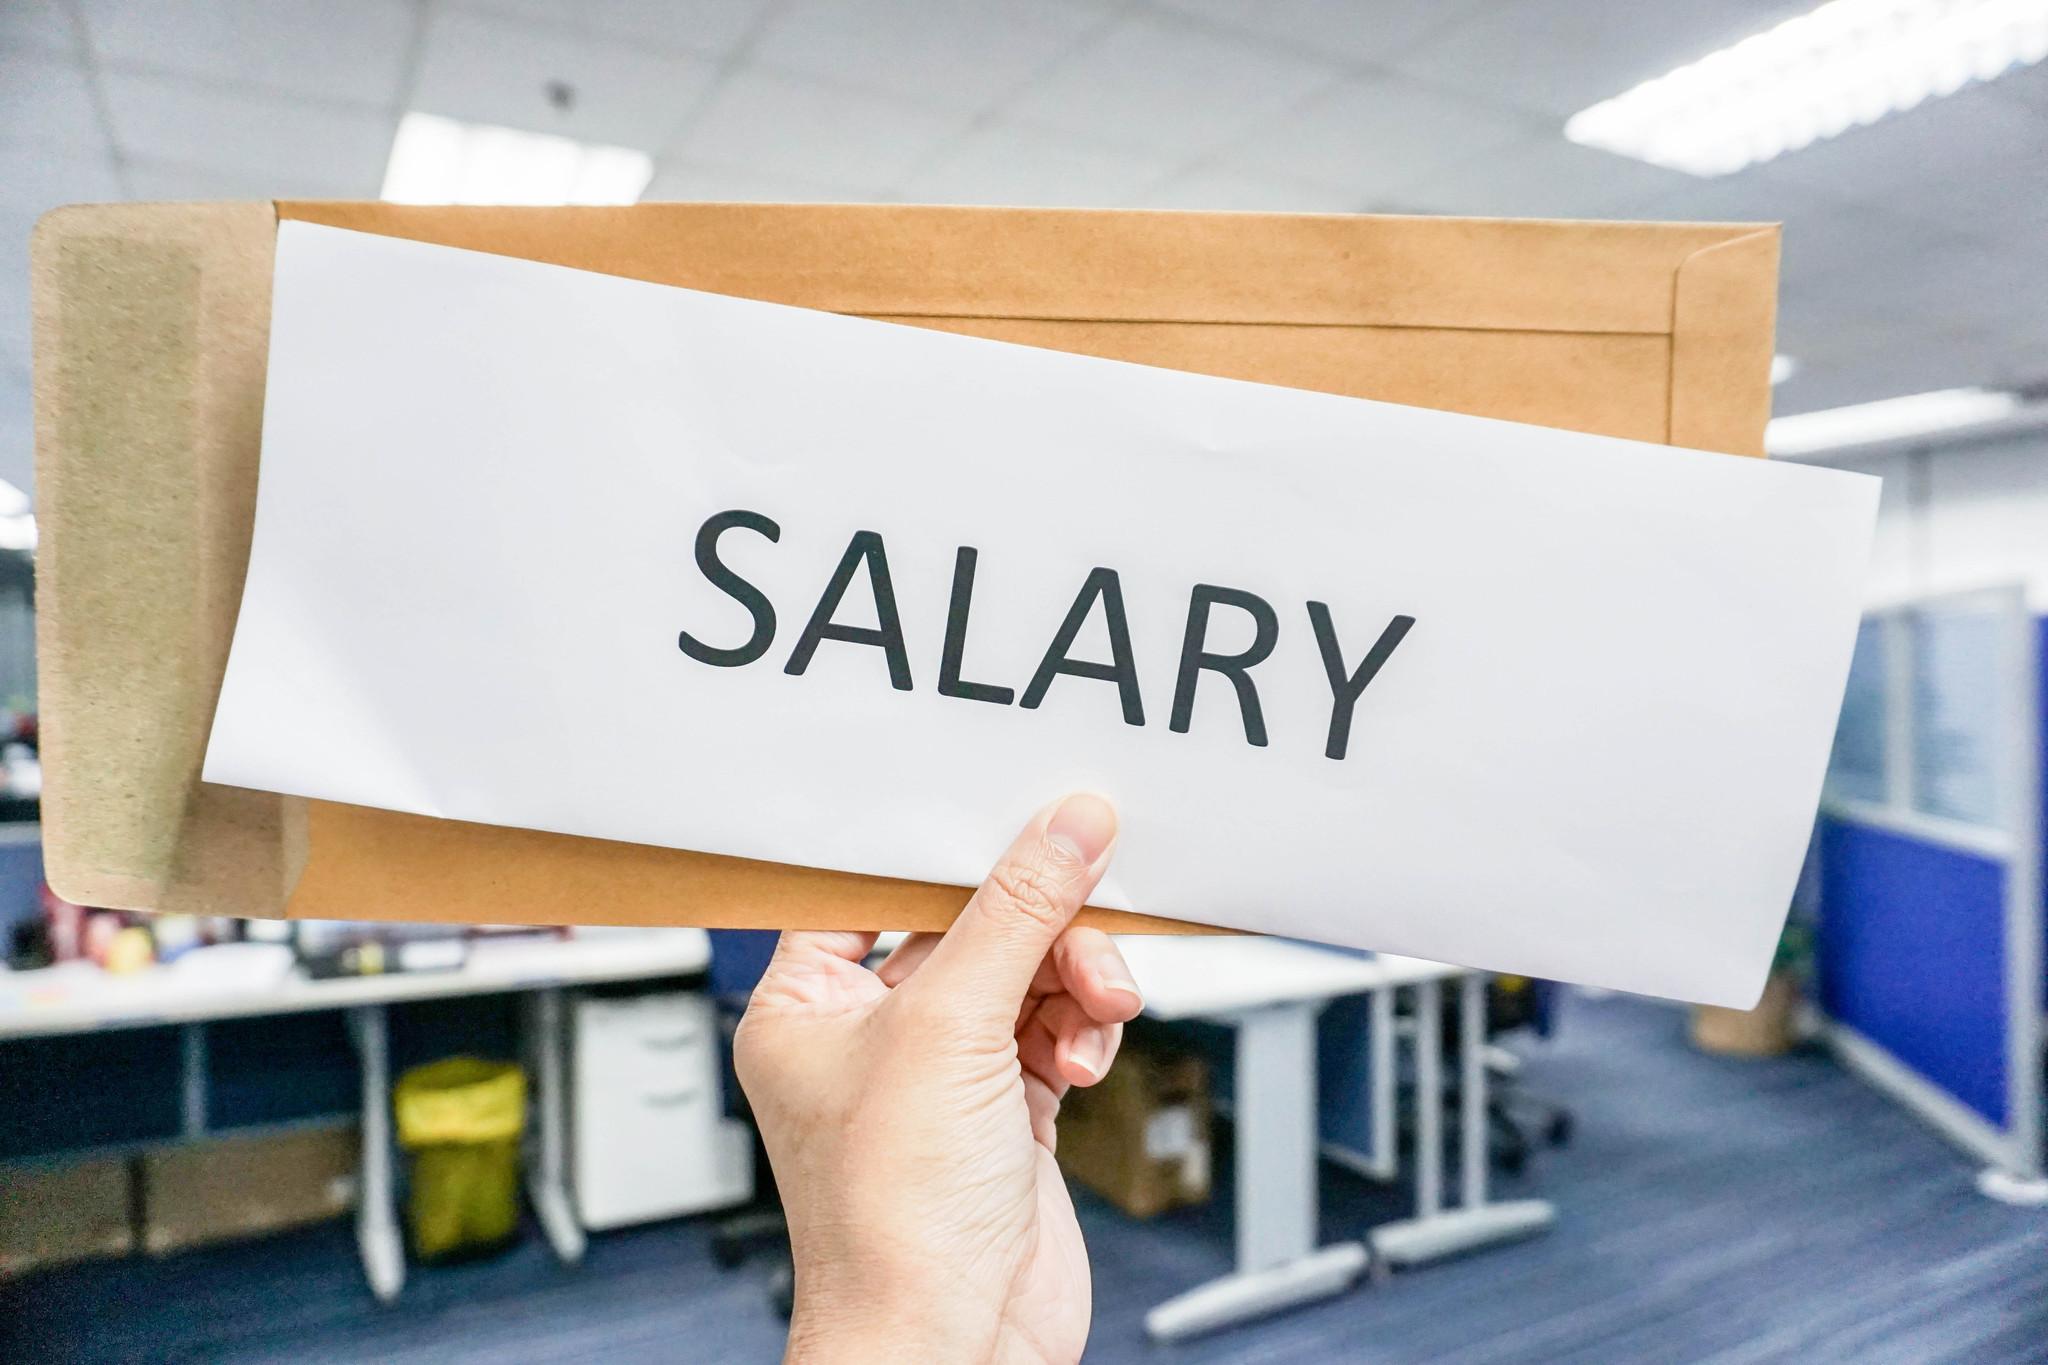 Ước lượng mức lương thế nào và bí quyết giúp thương lượng được mức lương cao!